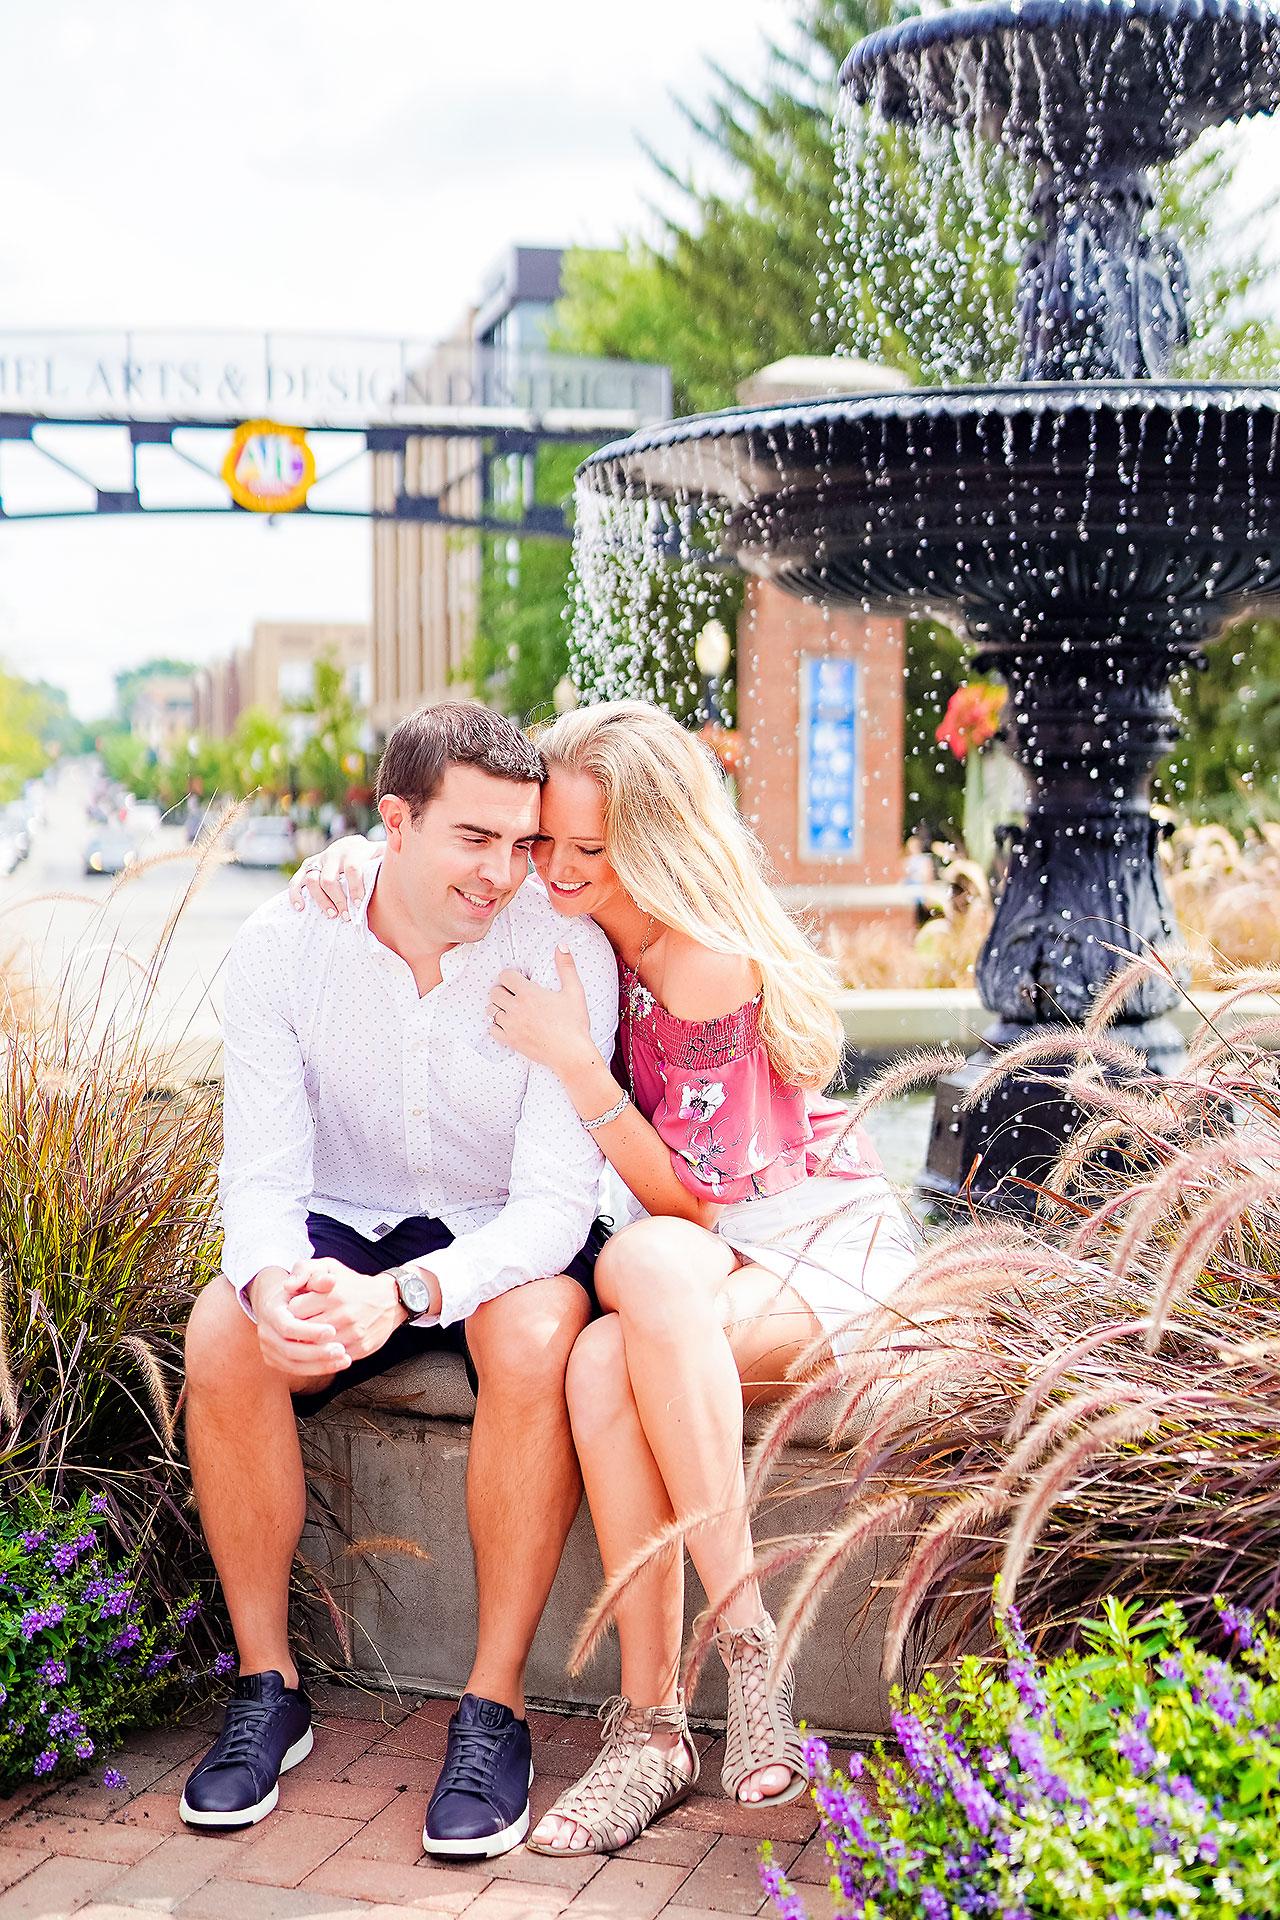 Liz Zach Midtown Carmel Engagement Session 004